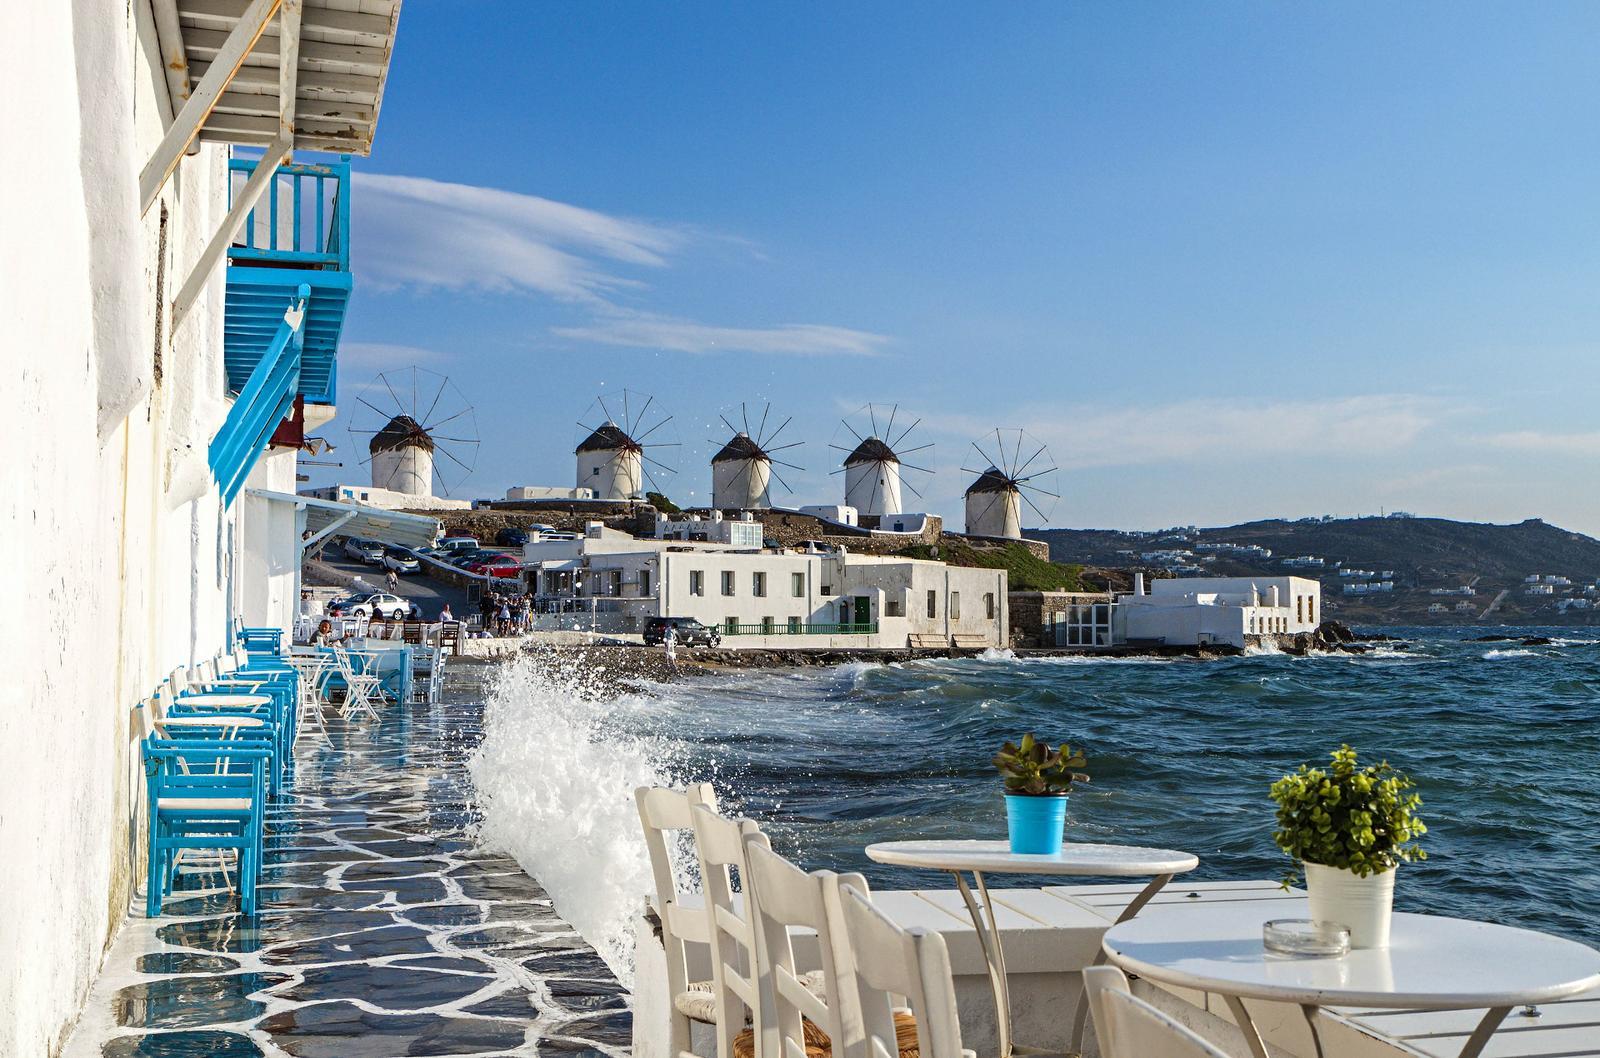 mykonos-island-in-greece-shutterstock_140738584-2